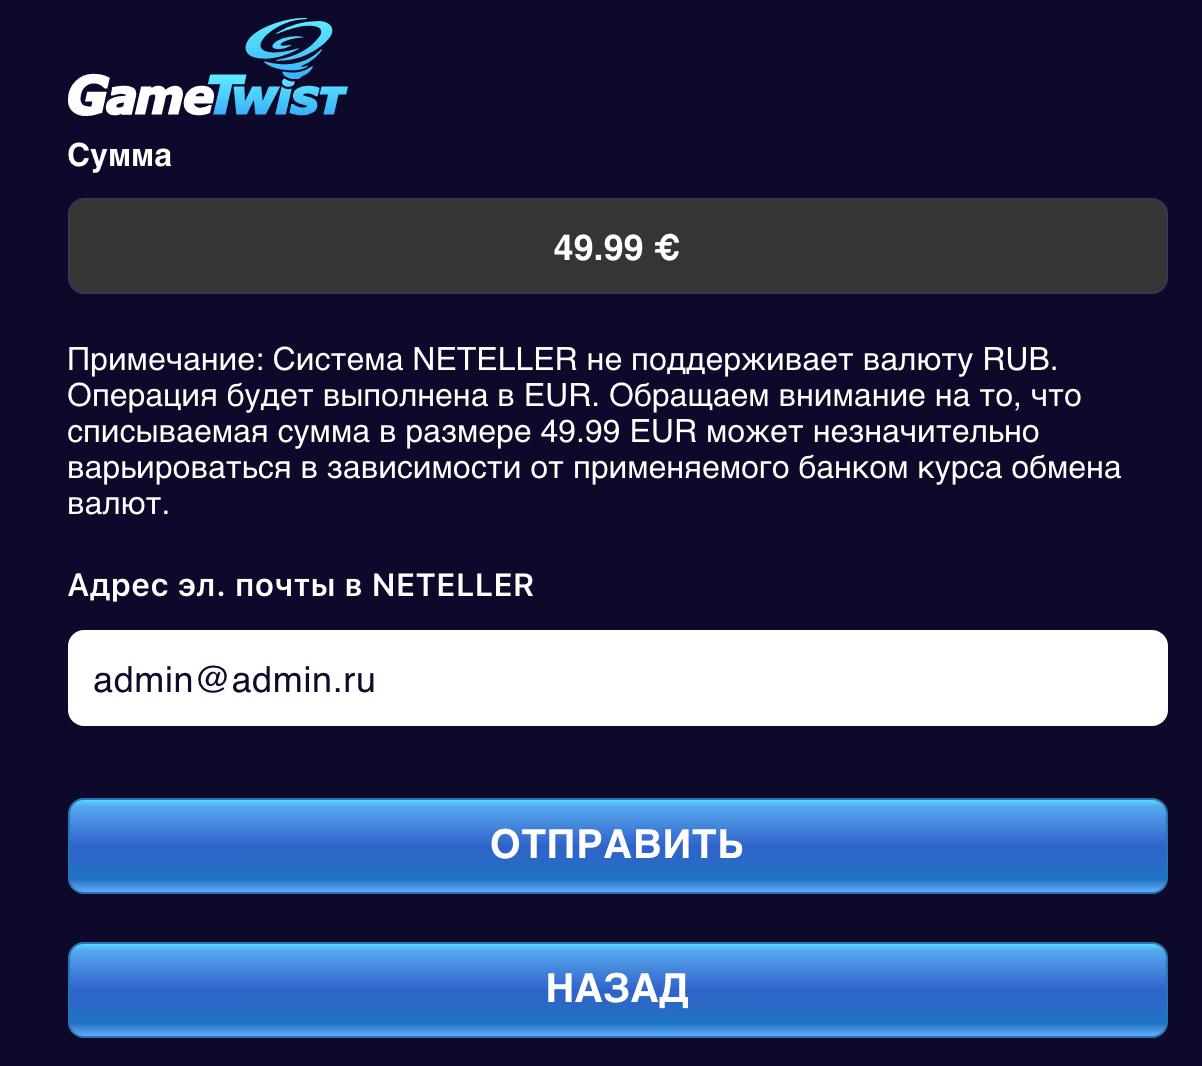 Создание заявки на покупку твистов в казино GameTwist